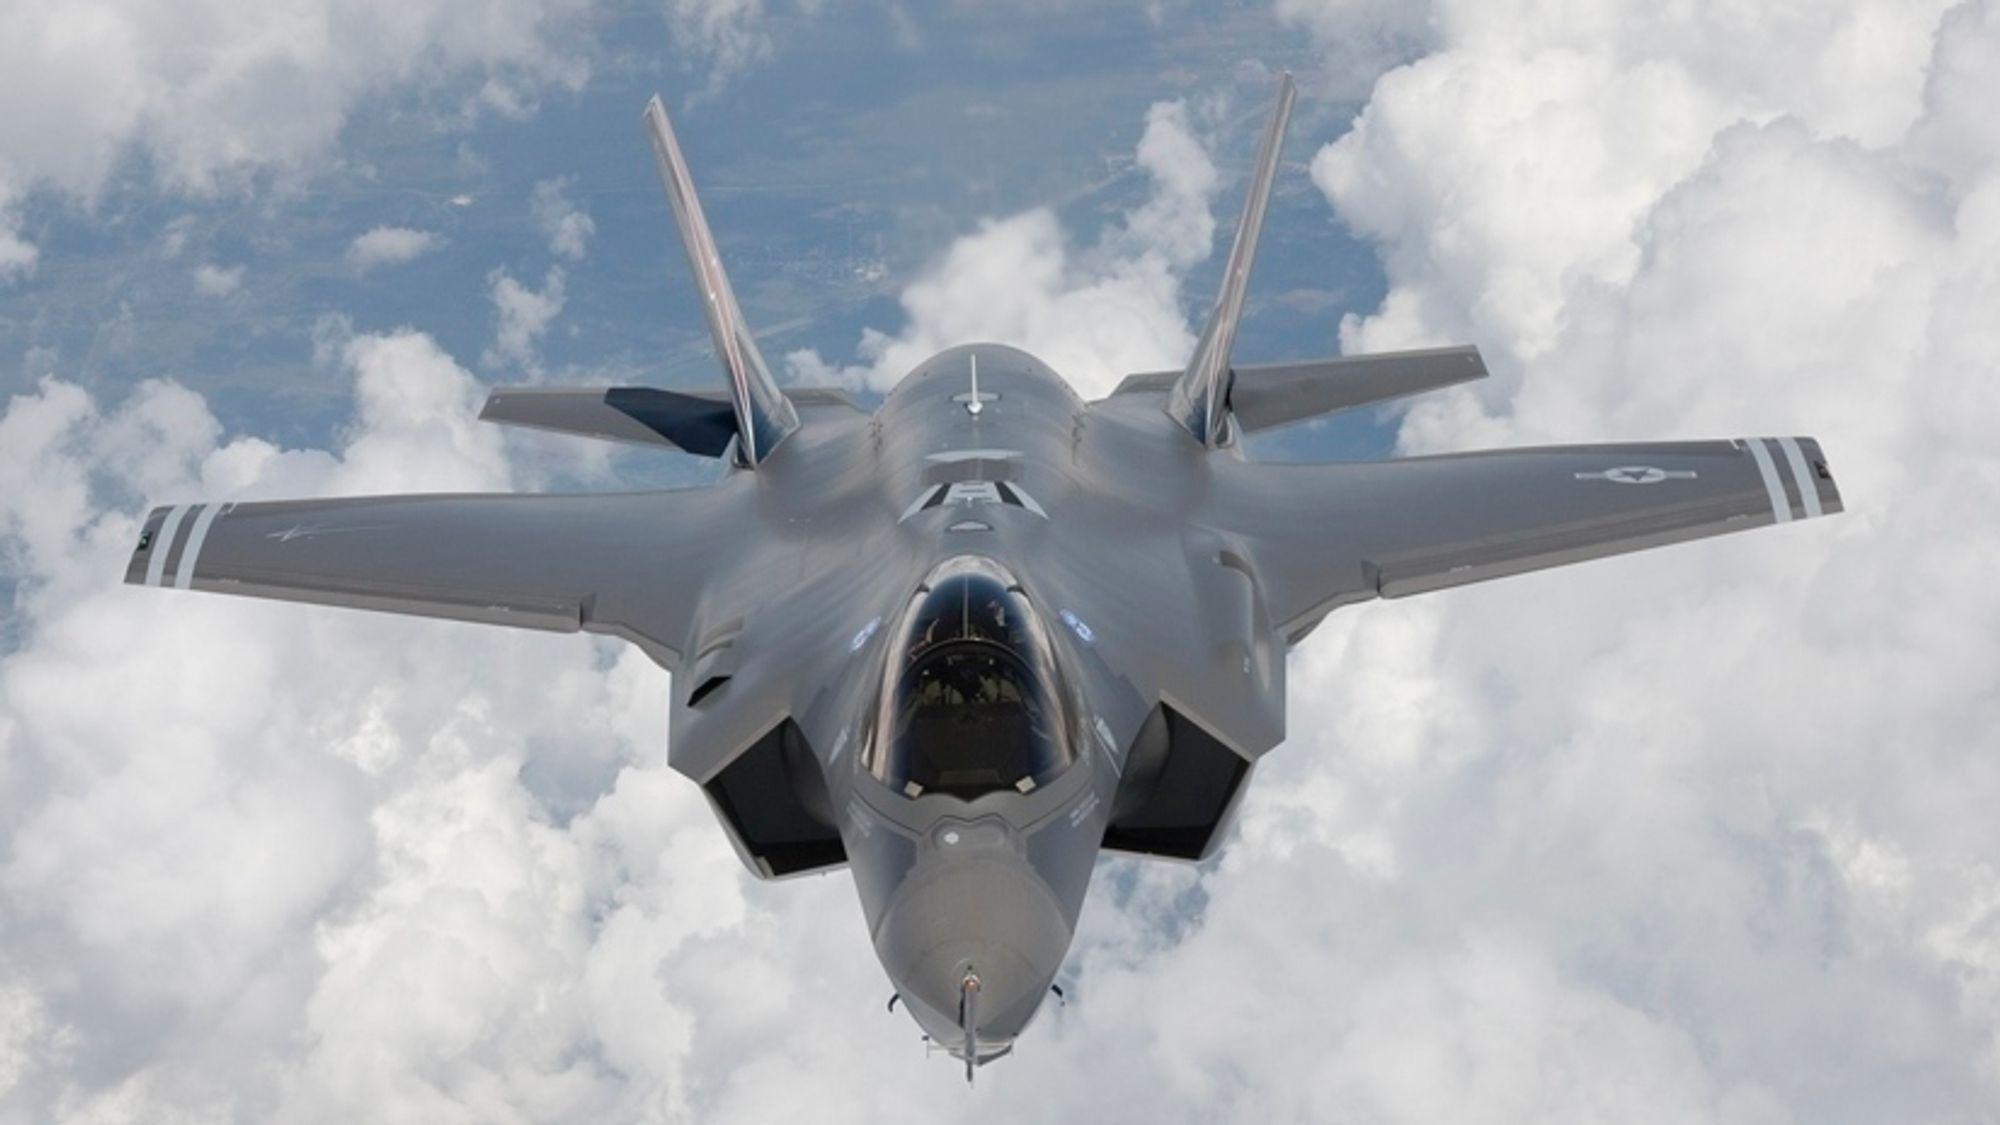 Kampfly av typen F-35, som AIM Norway har fått større vedlikeholdsjobb på.